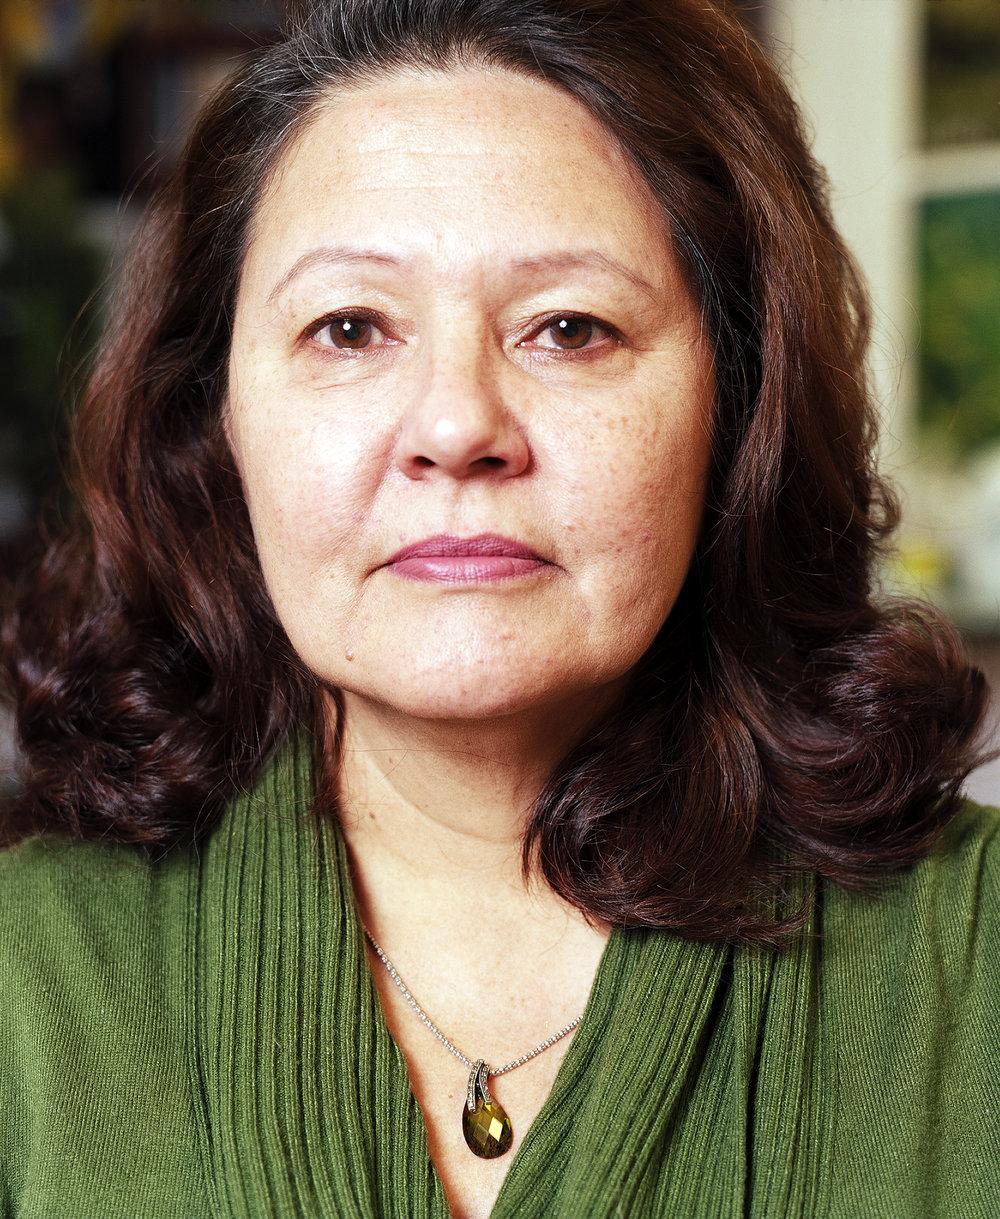 Dolores, 2009